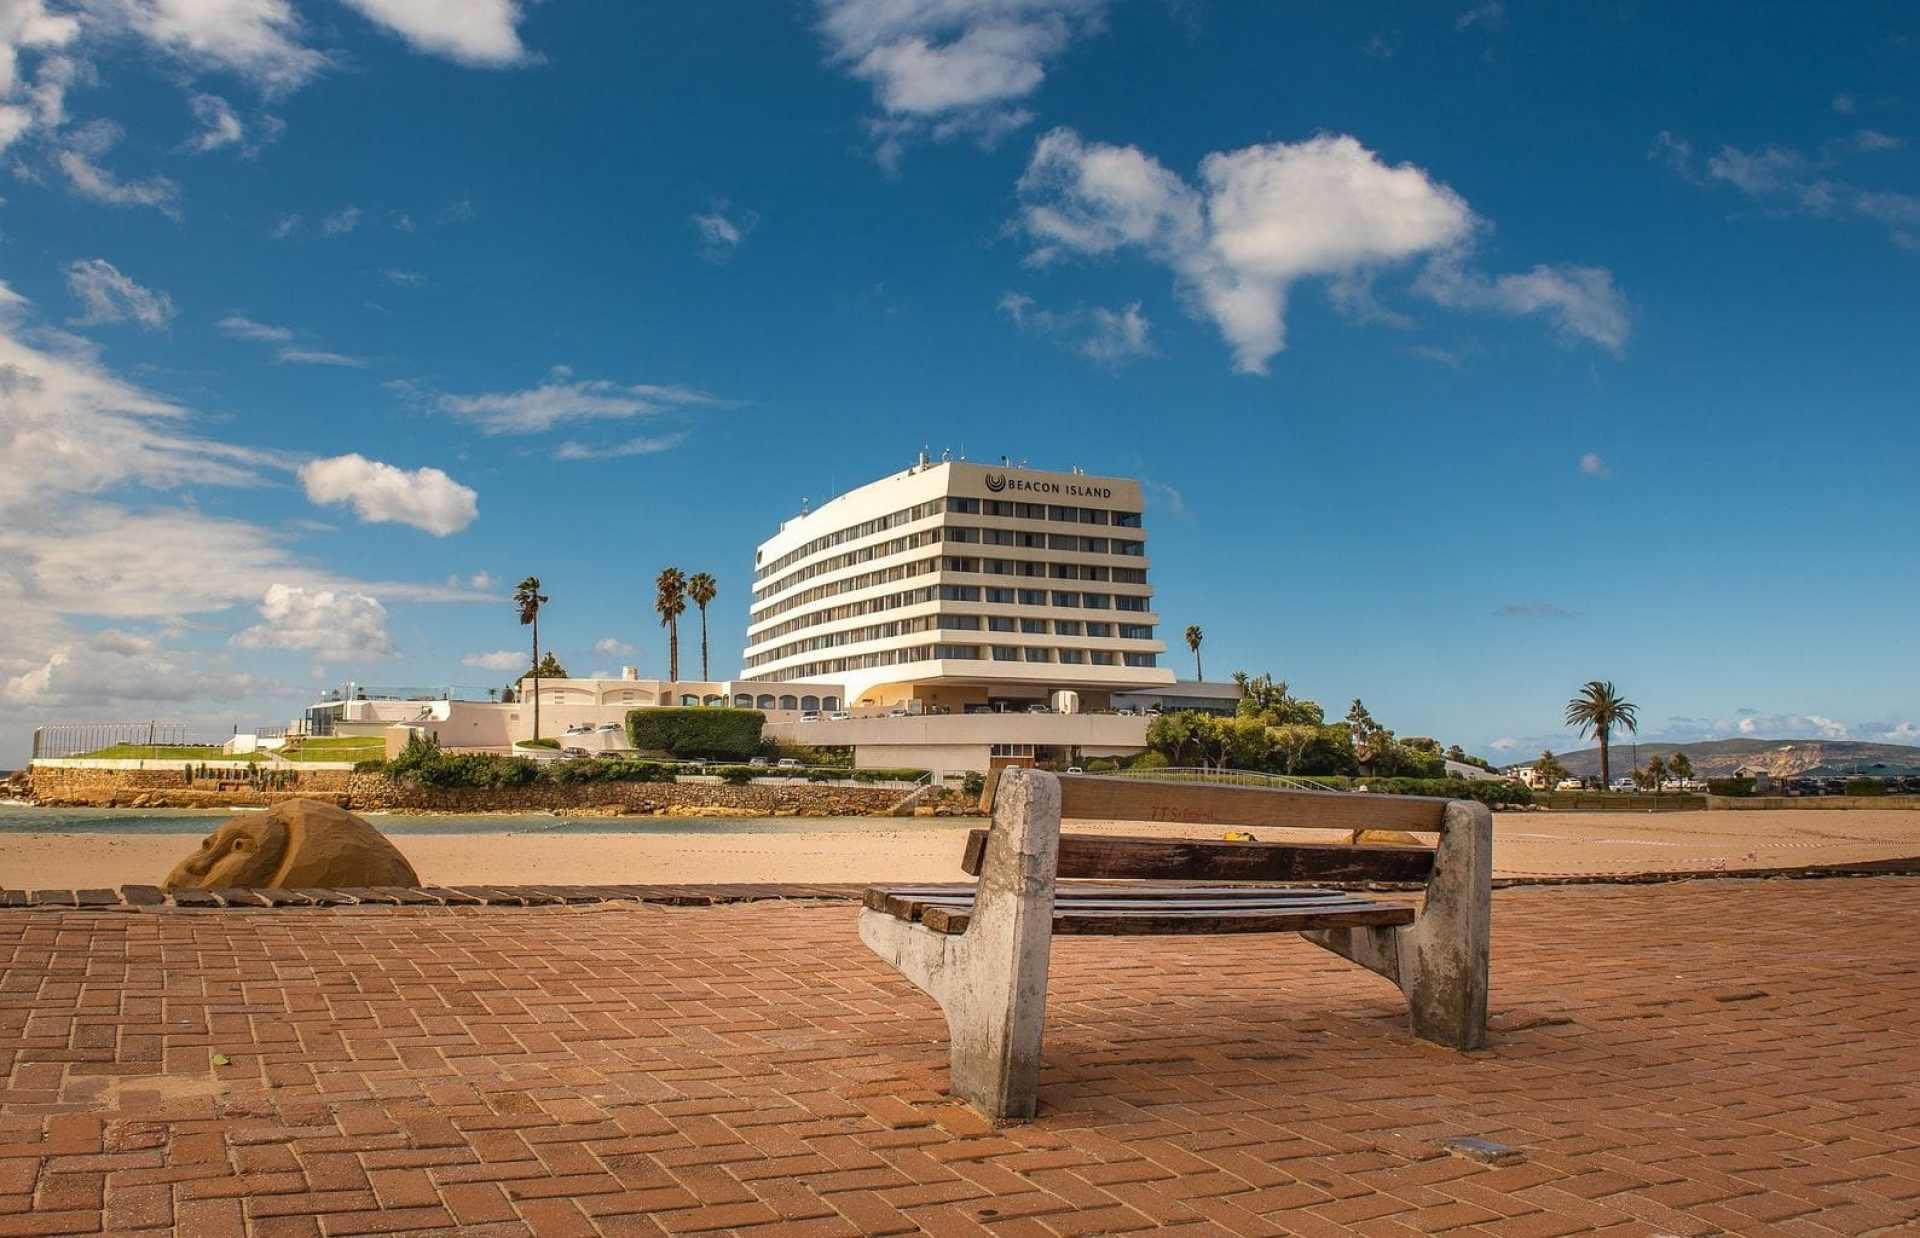 The Beacon Isle Hotel on Central Beach